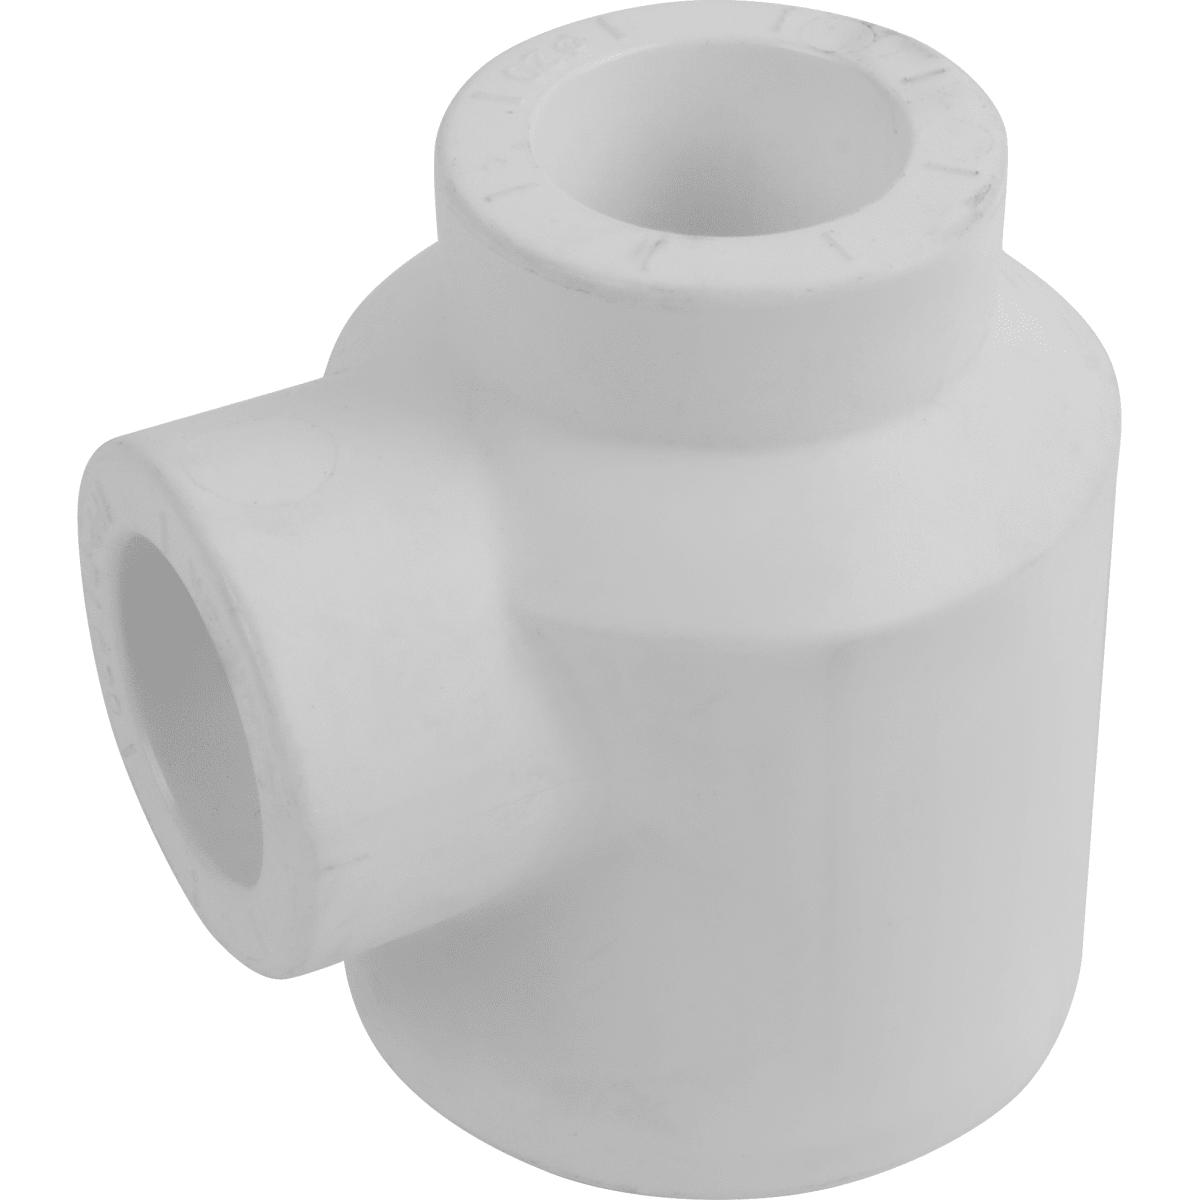 Тройник ⌀32 x 20 x 20 мм полипропилен